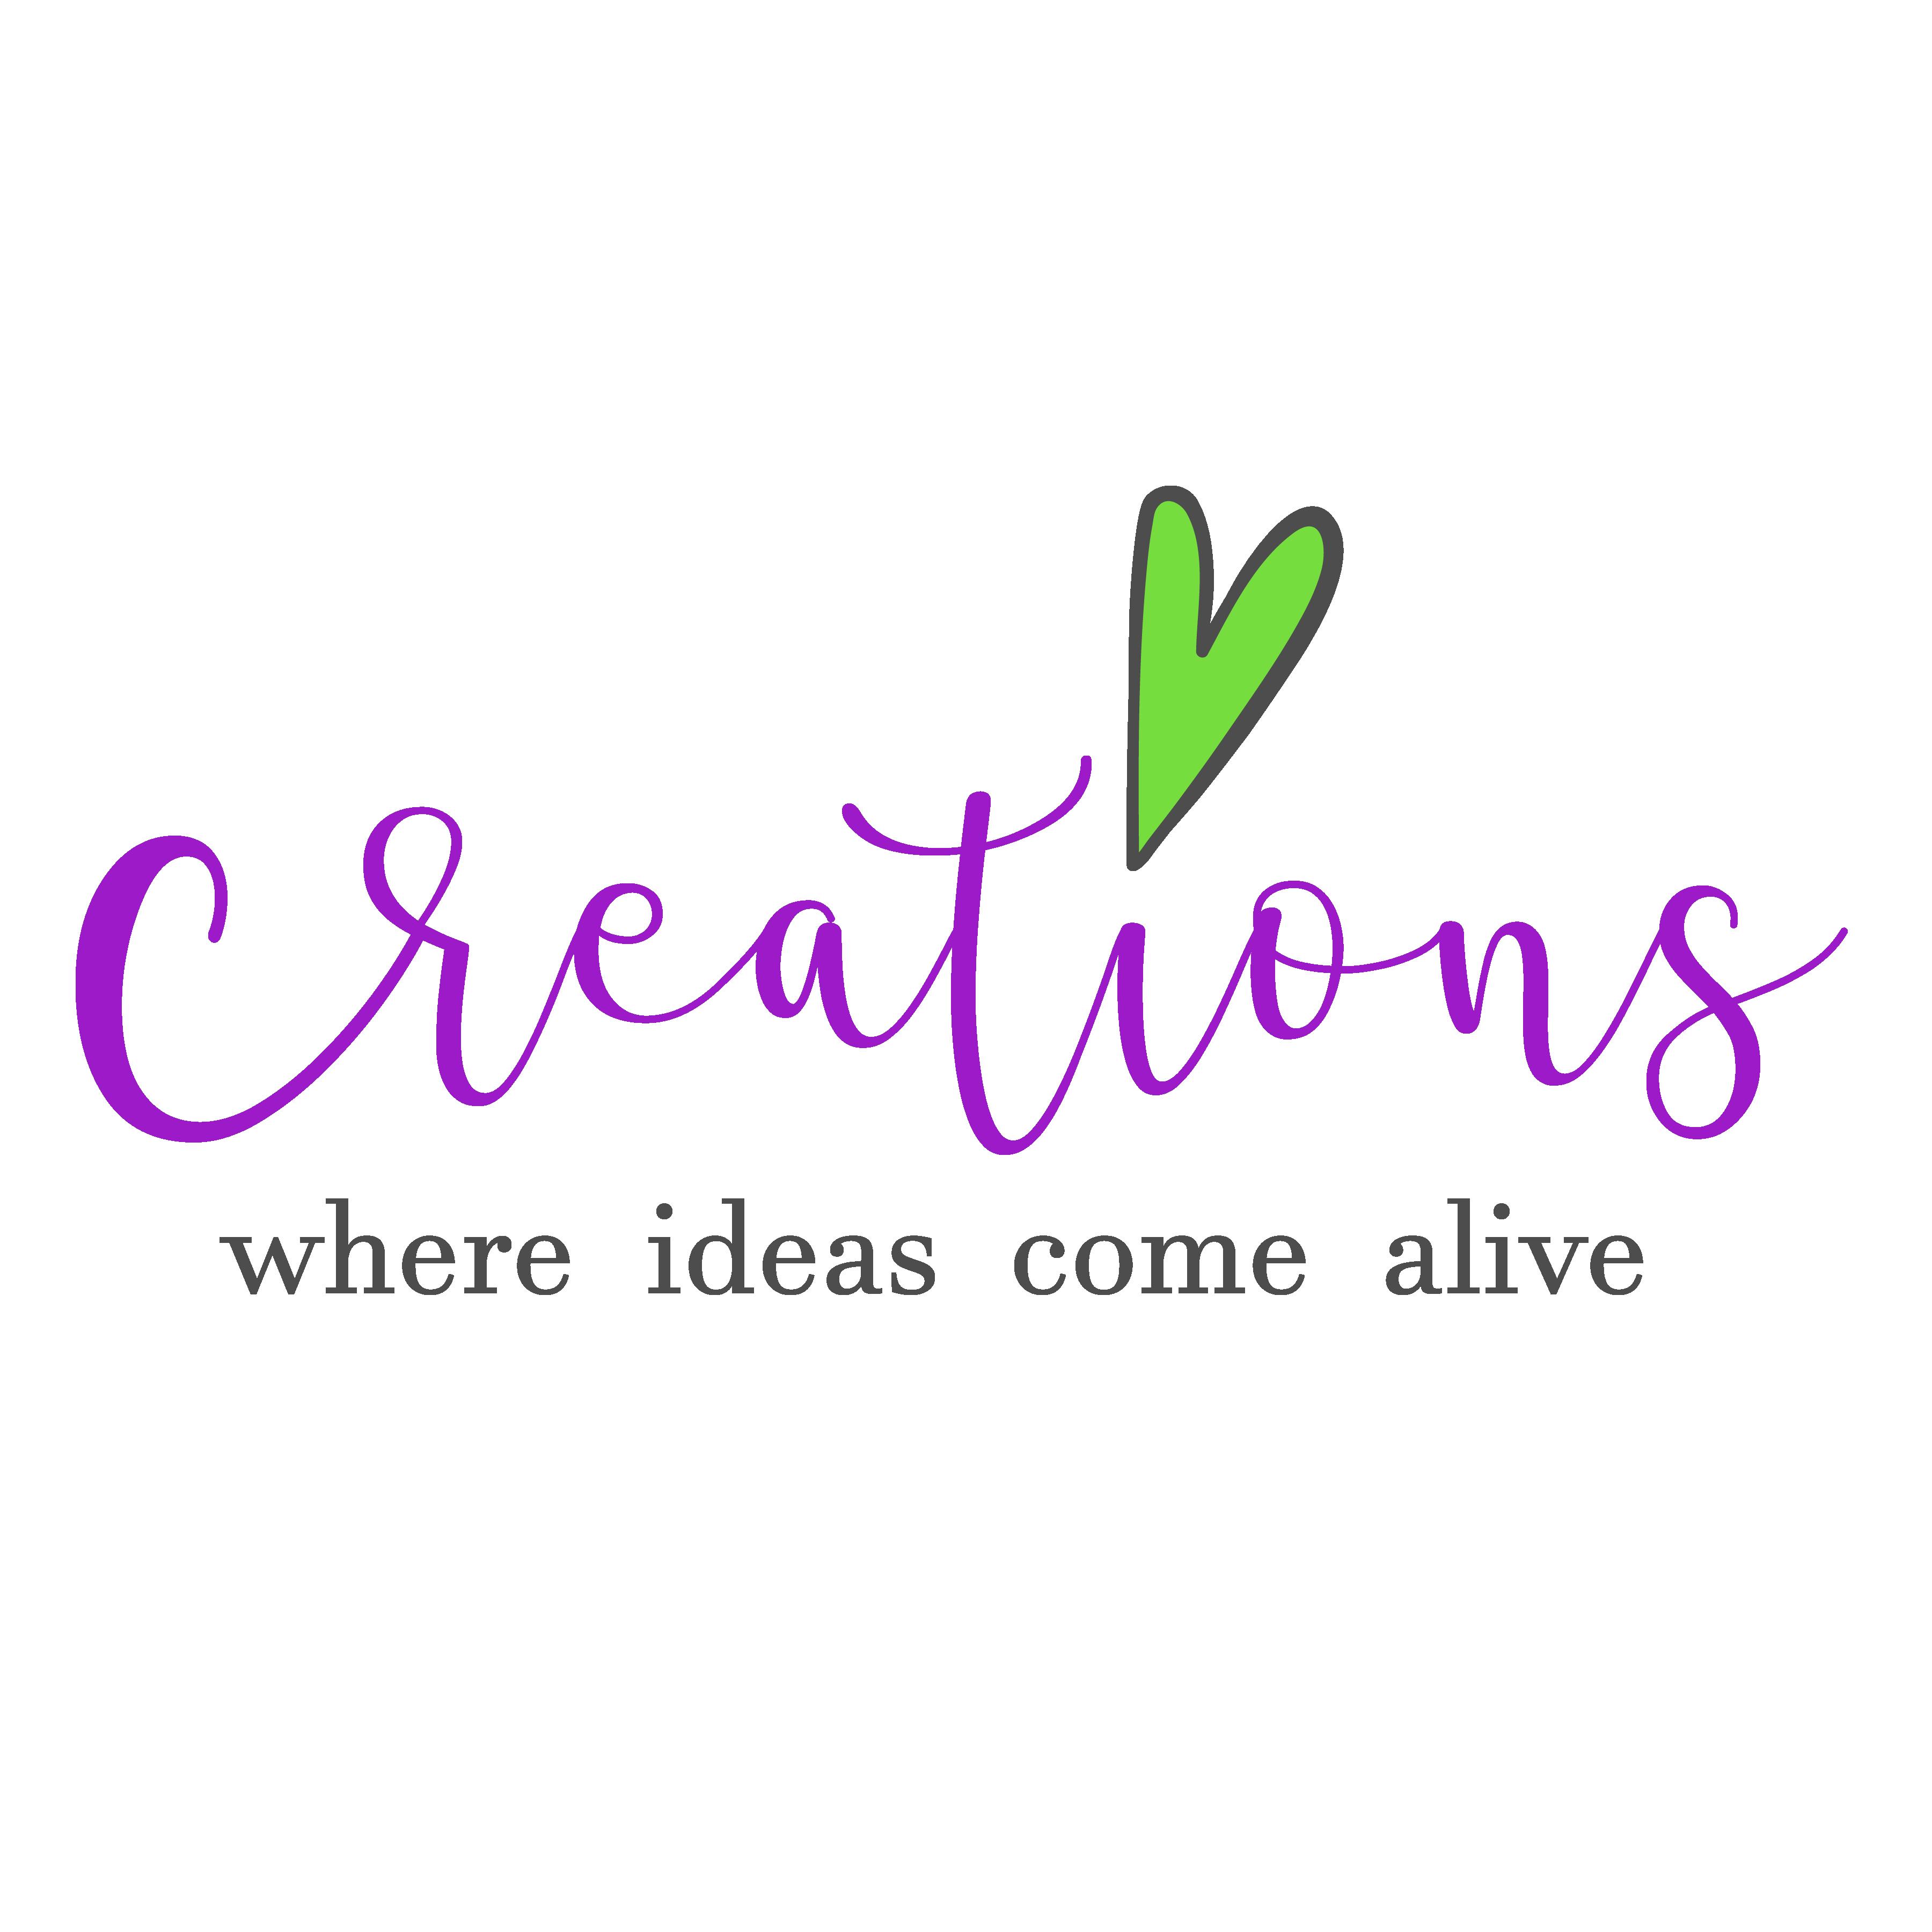 @ideascomealive_